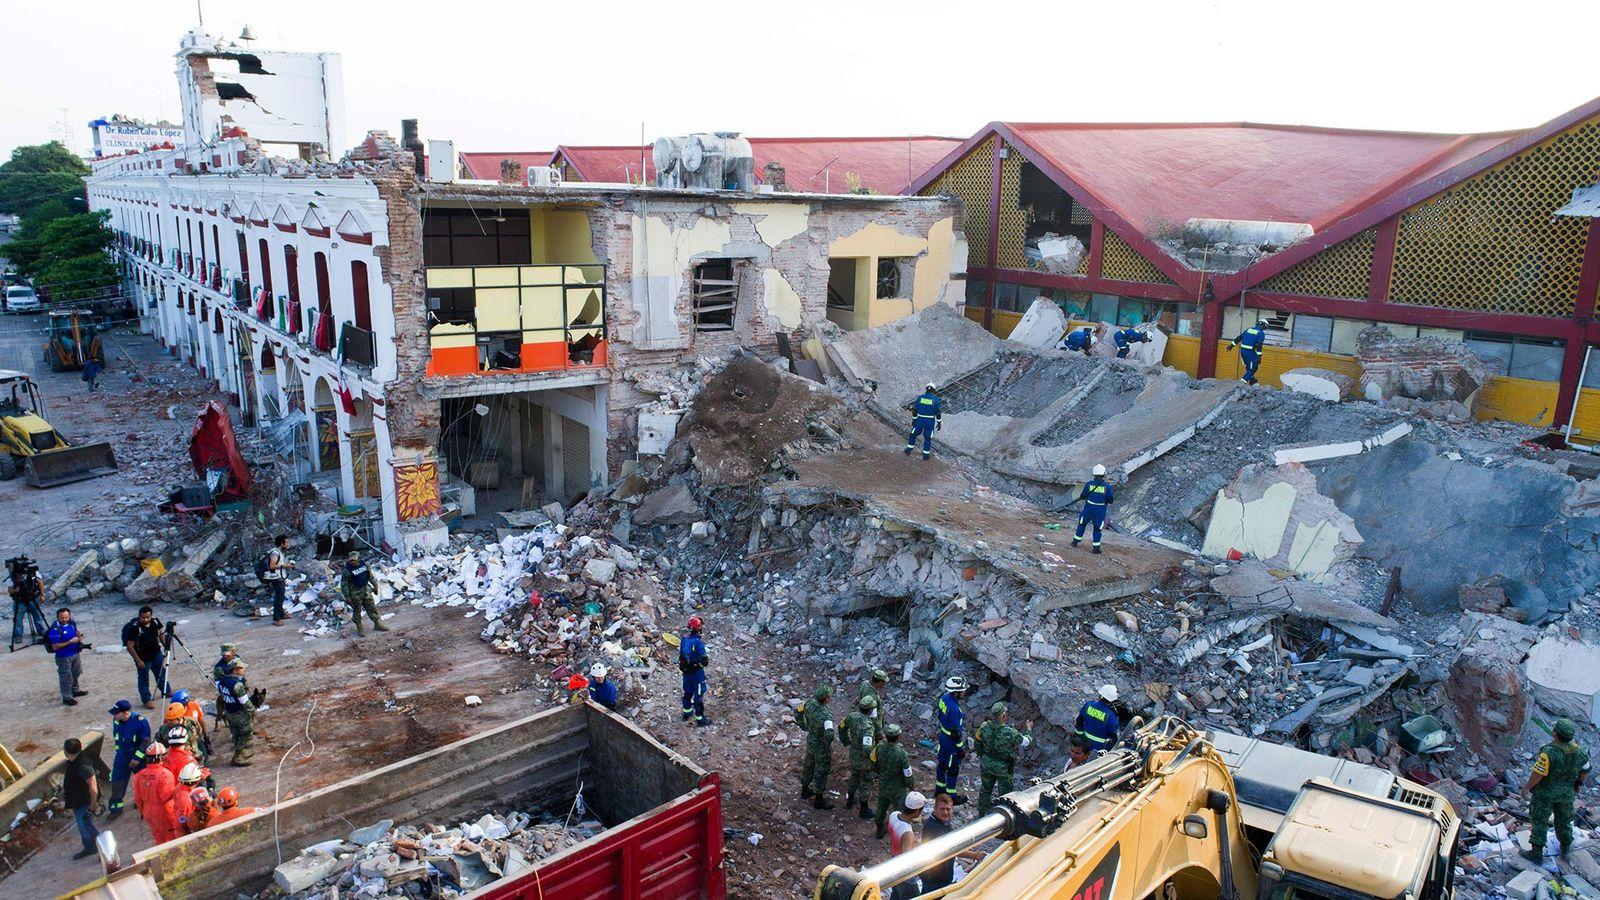 Prédios envoltos em escombros após um forte terremoto ocorrido em setembro de 2017, que devastou a ...